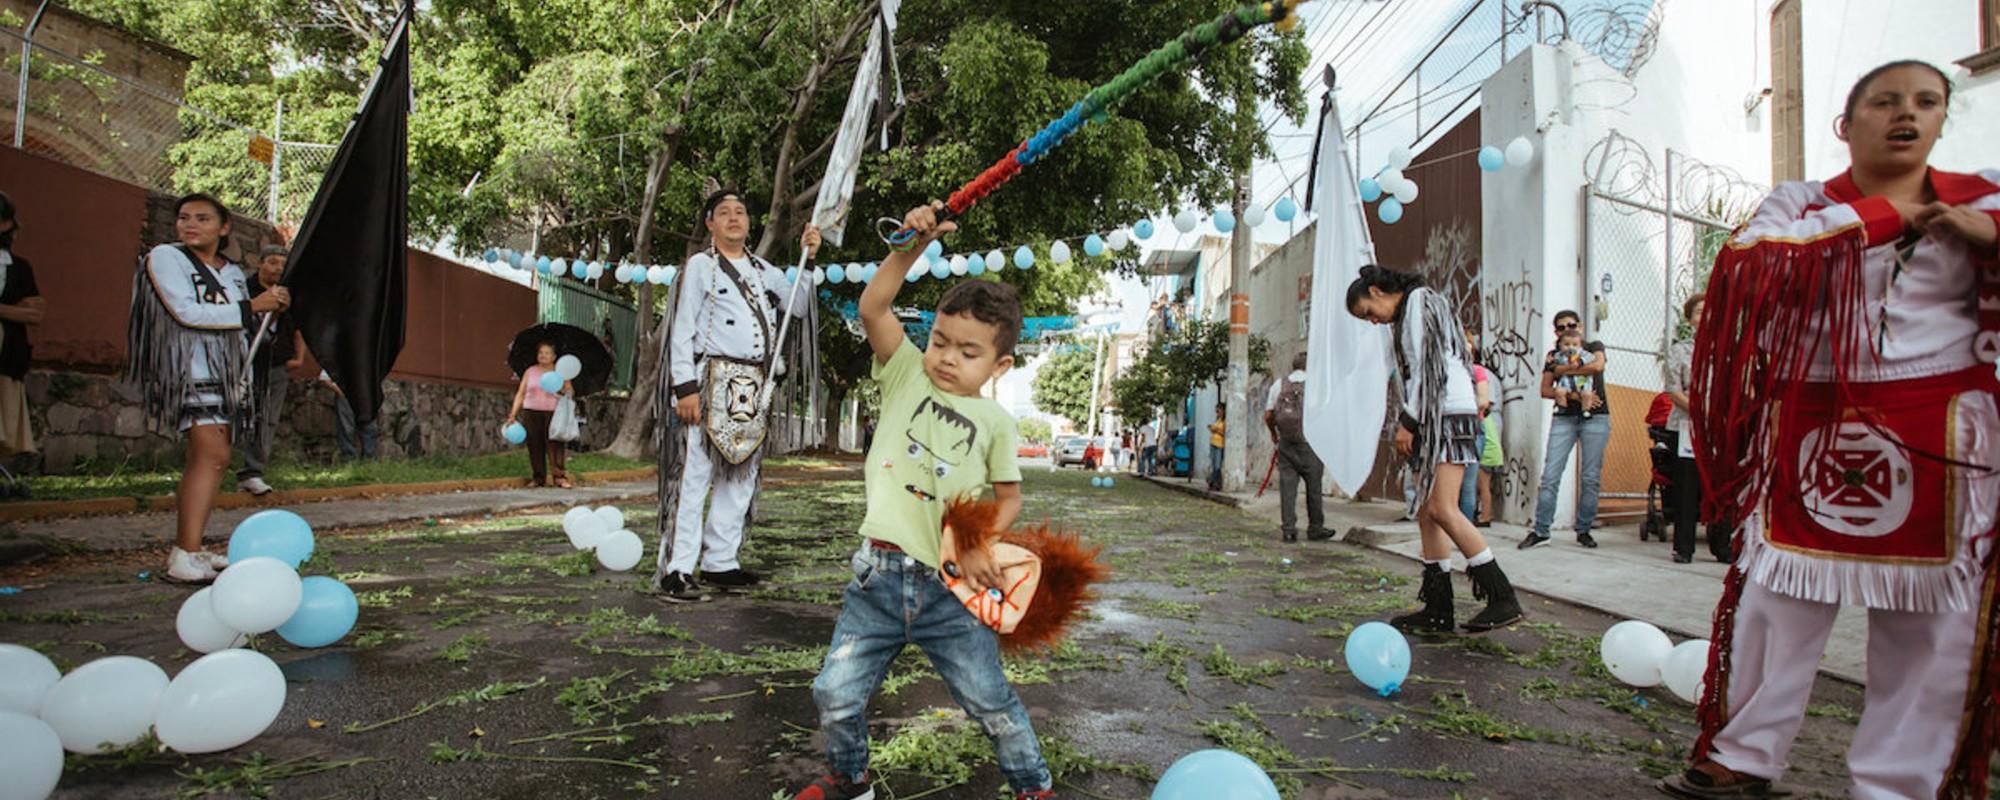 Fotografii cu un ritual din Mexic, care-ți arată că religia nu e numai despre pupat moaște